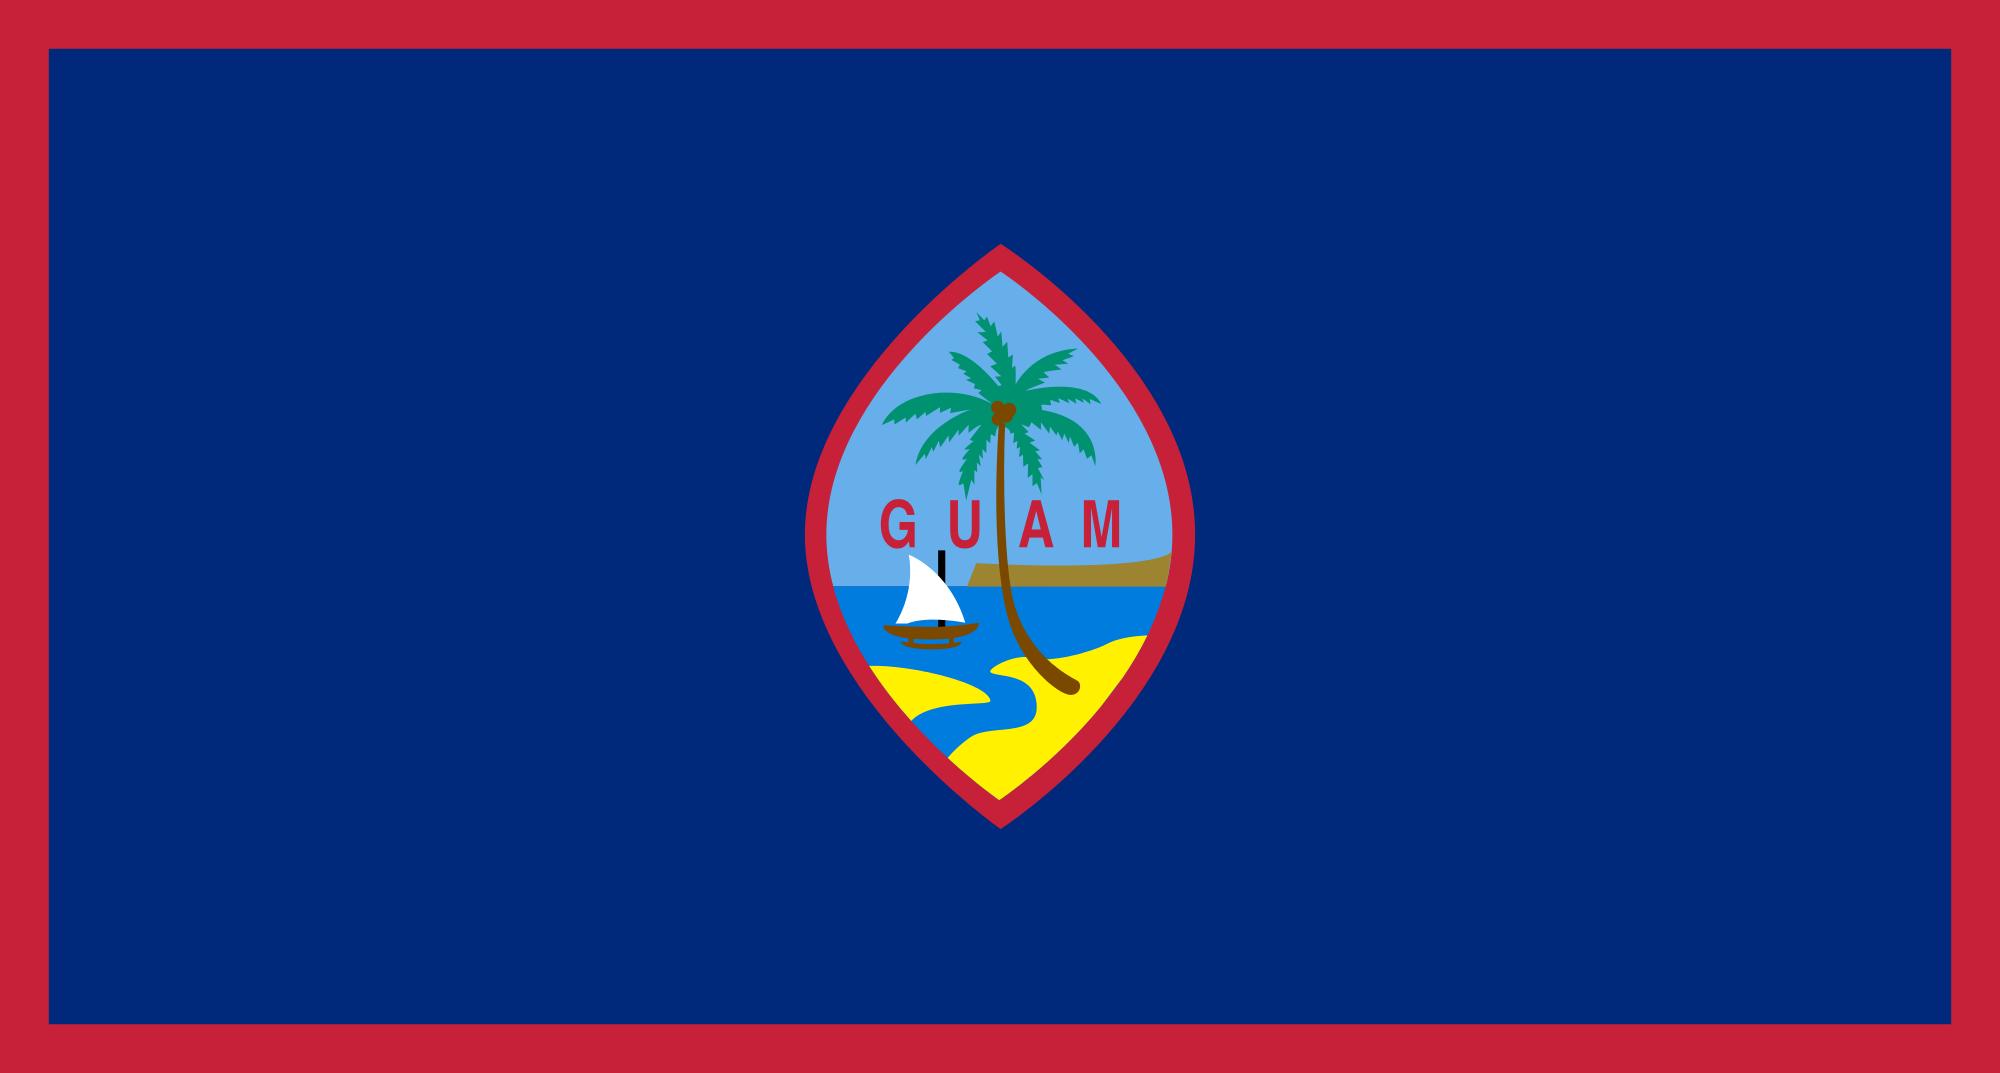 guam, país, emblema, insignia, σύμβολο - Wallpapers HD - Professor-falken.com